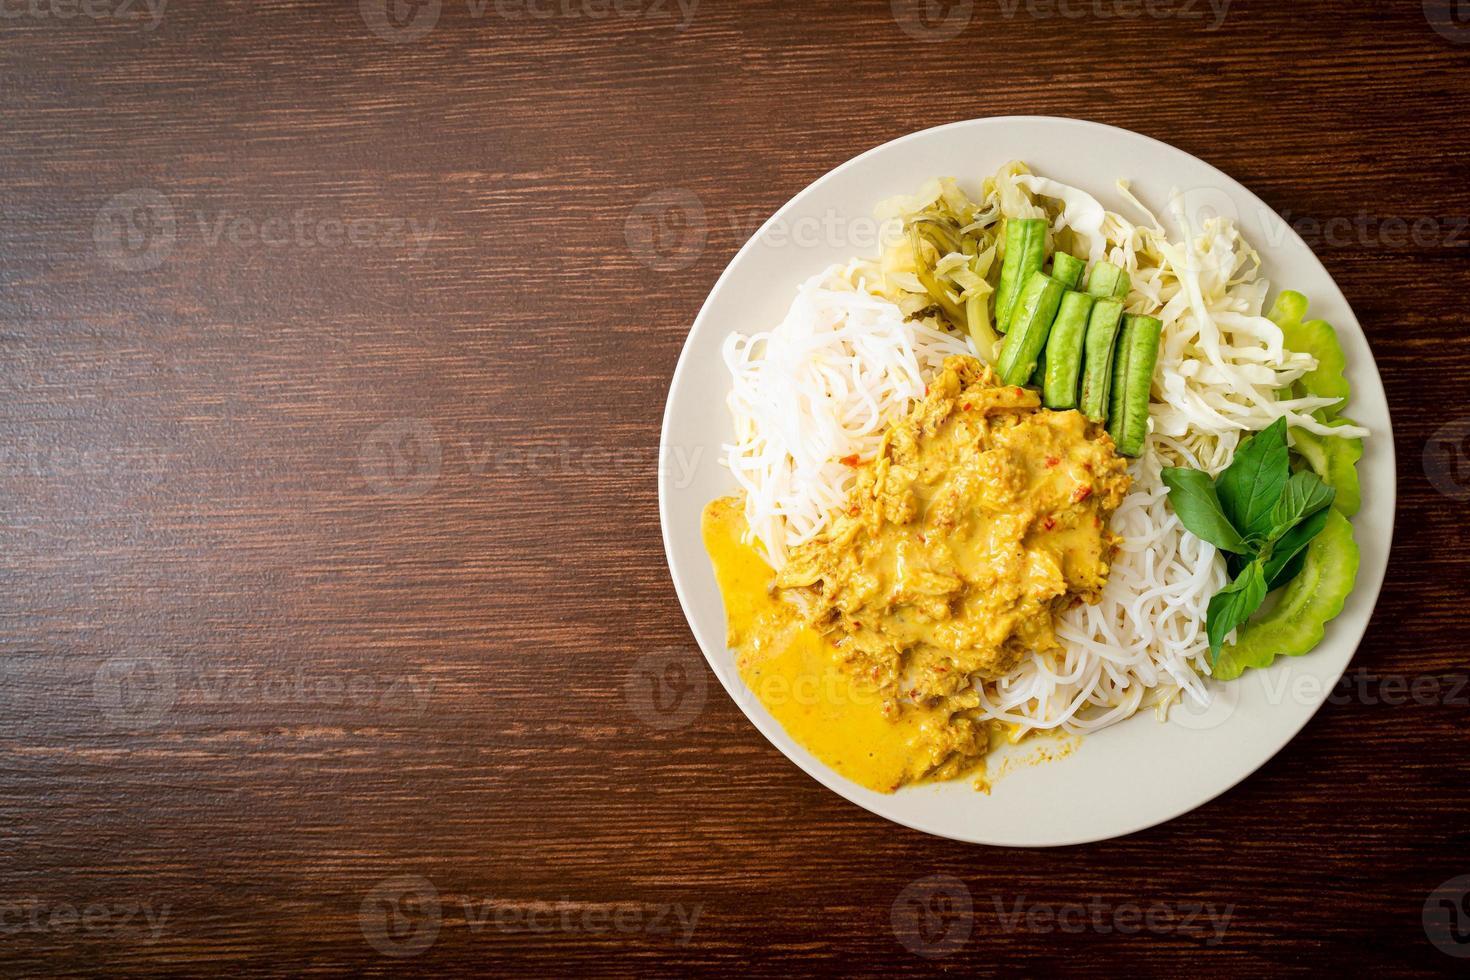 fideos de arroz tailandés con cangrejo al curry y verduras variadas foto